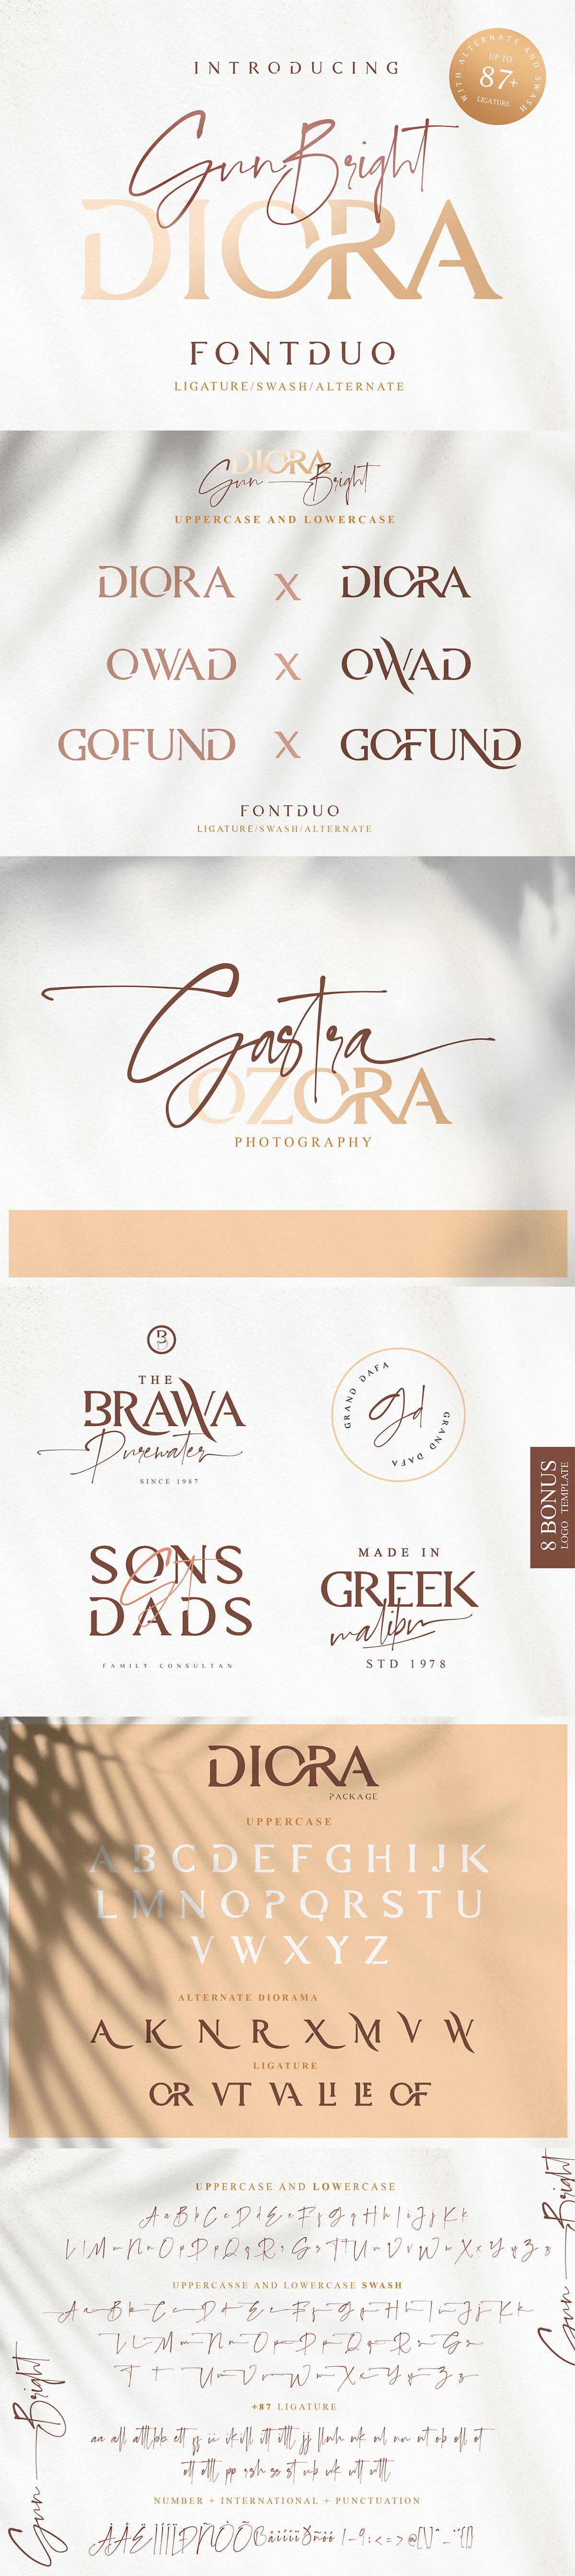 Free Diora Sunbright Font Duo